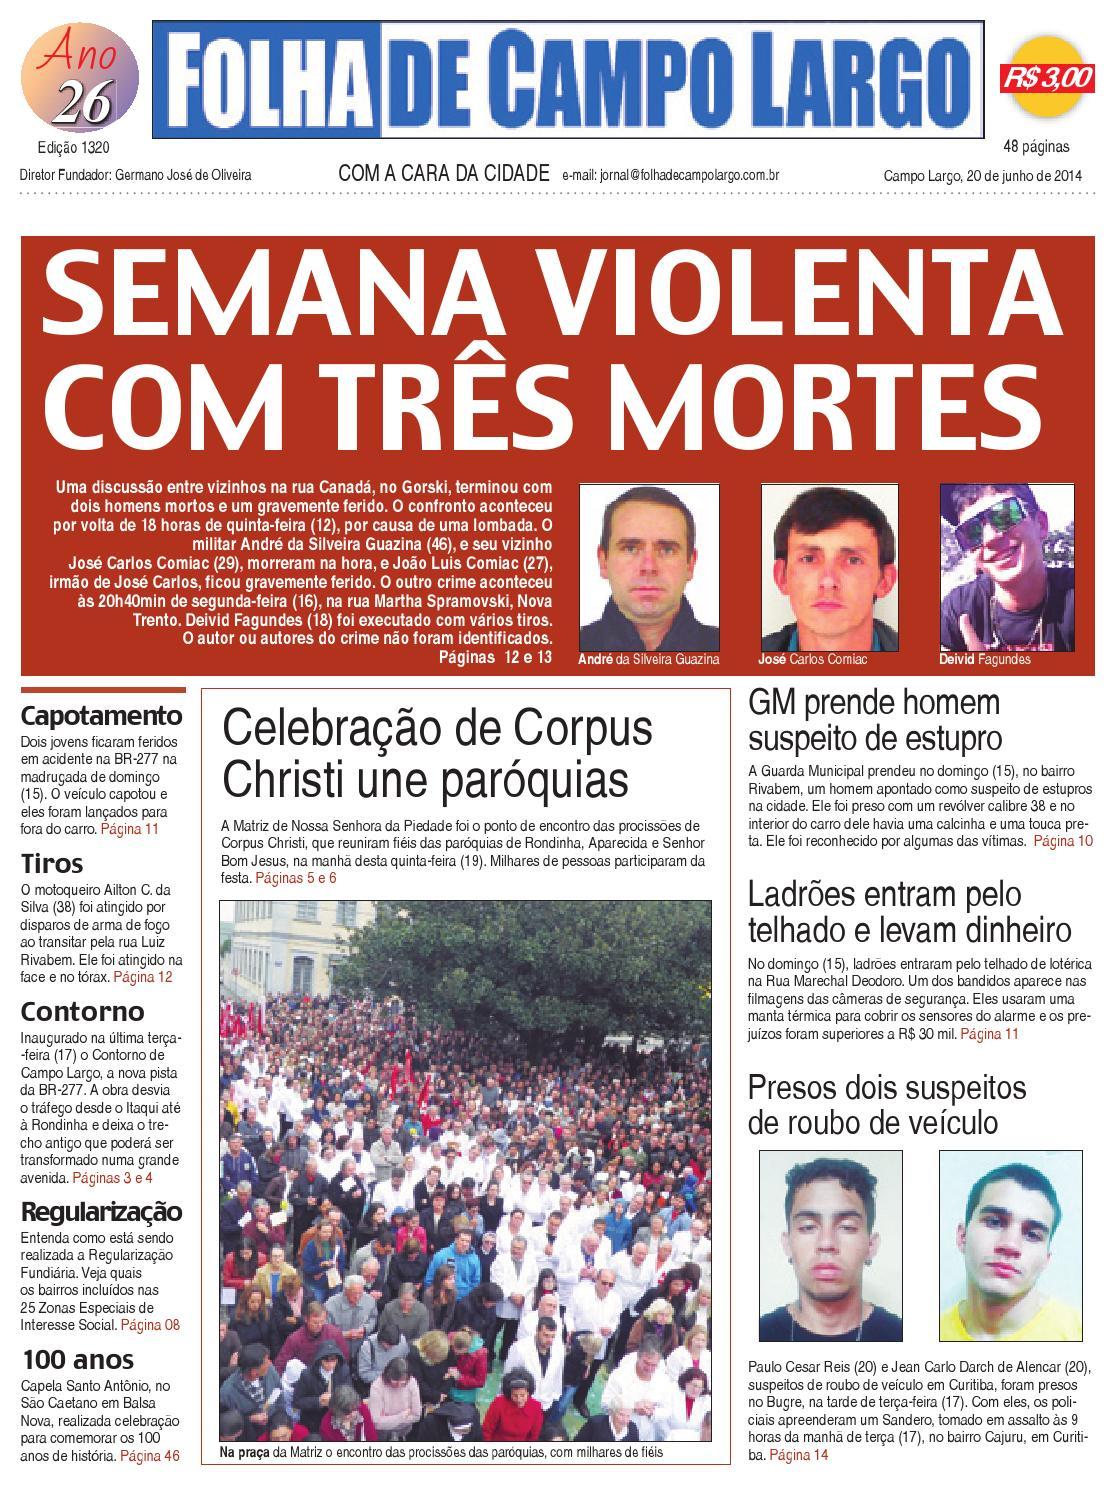 Folha de Campo Largo (20 06 2014) by Folha de Campo Largo - issuu e5e3b861f3f0c